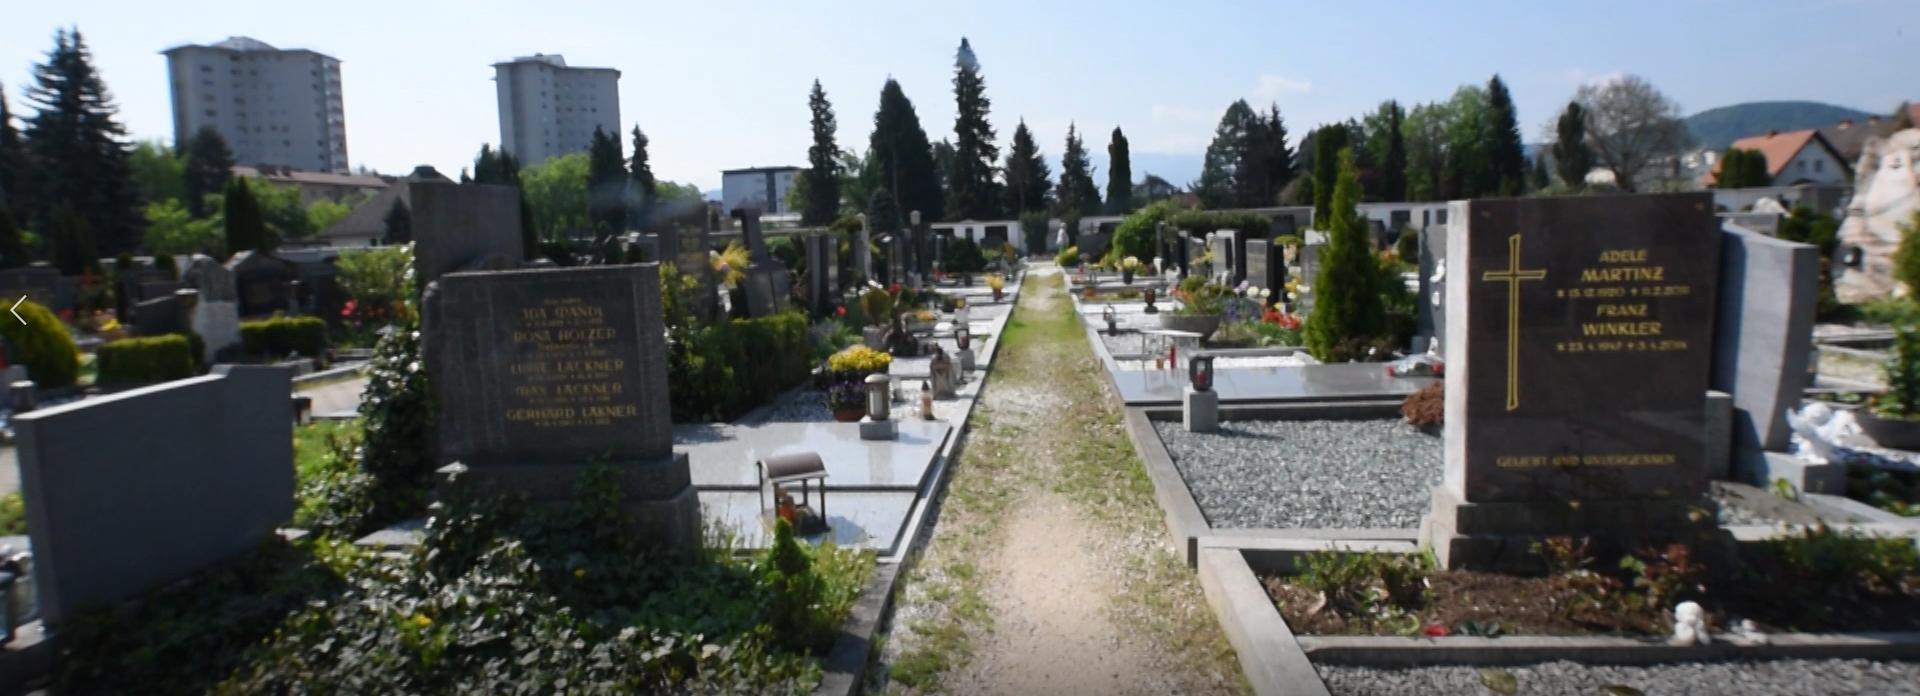 Friedhof in Kärnten